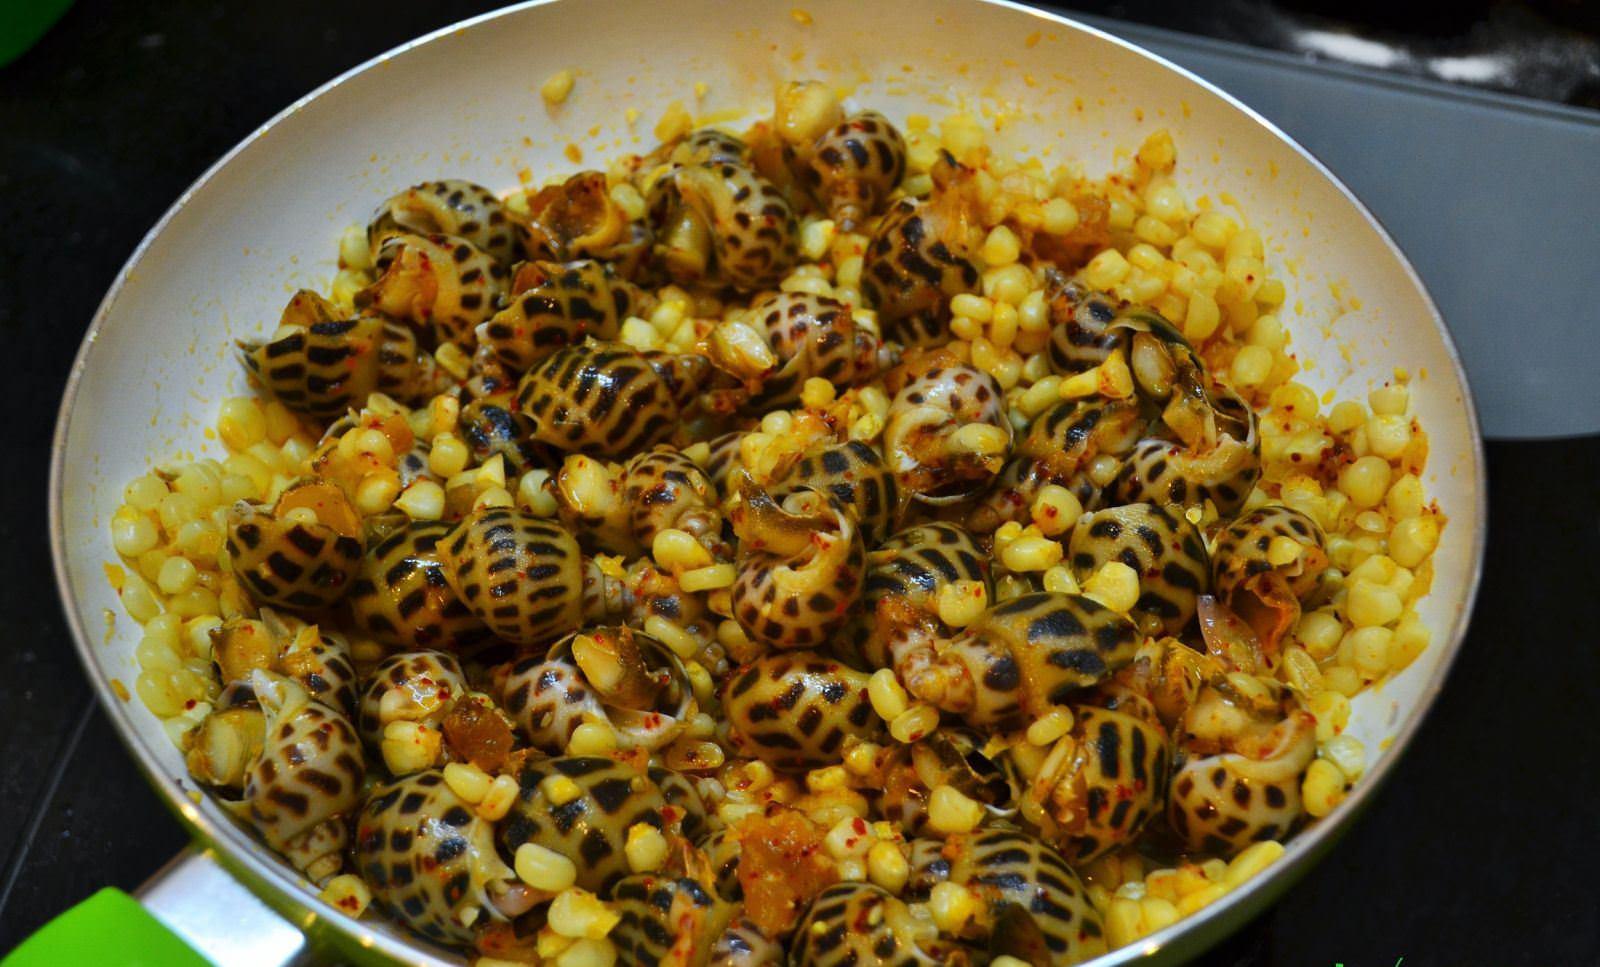 Ngon ngẩn ngơ với món ốc hương xào bắp thơm ngọt, hấp dẫn 6